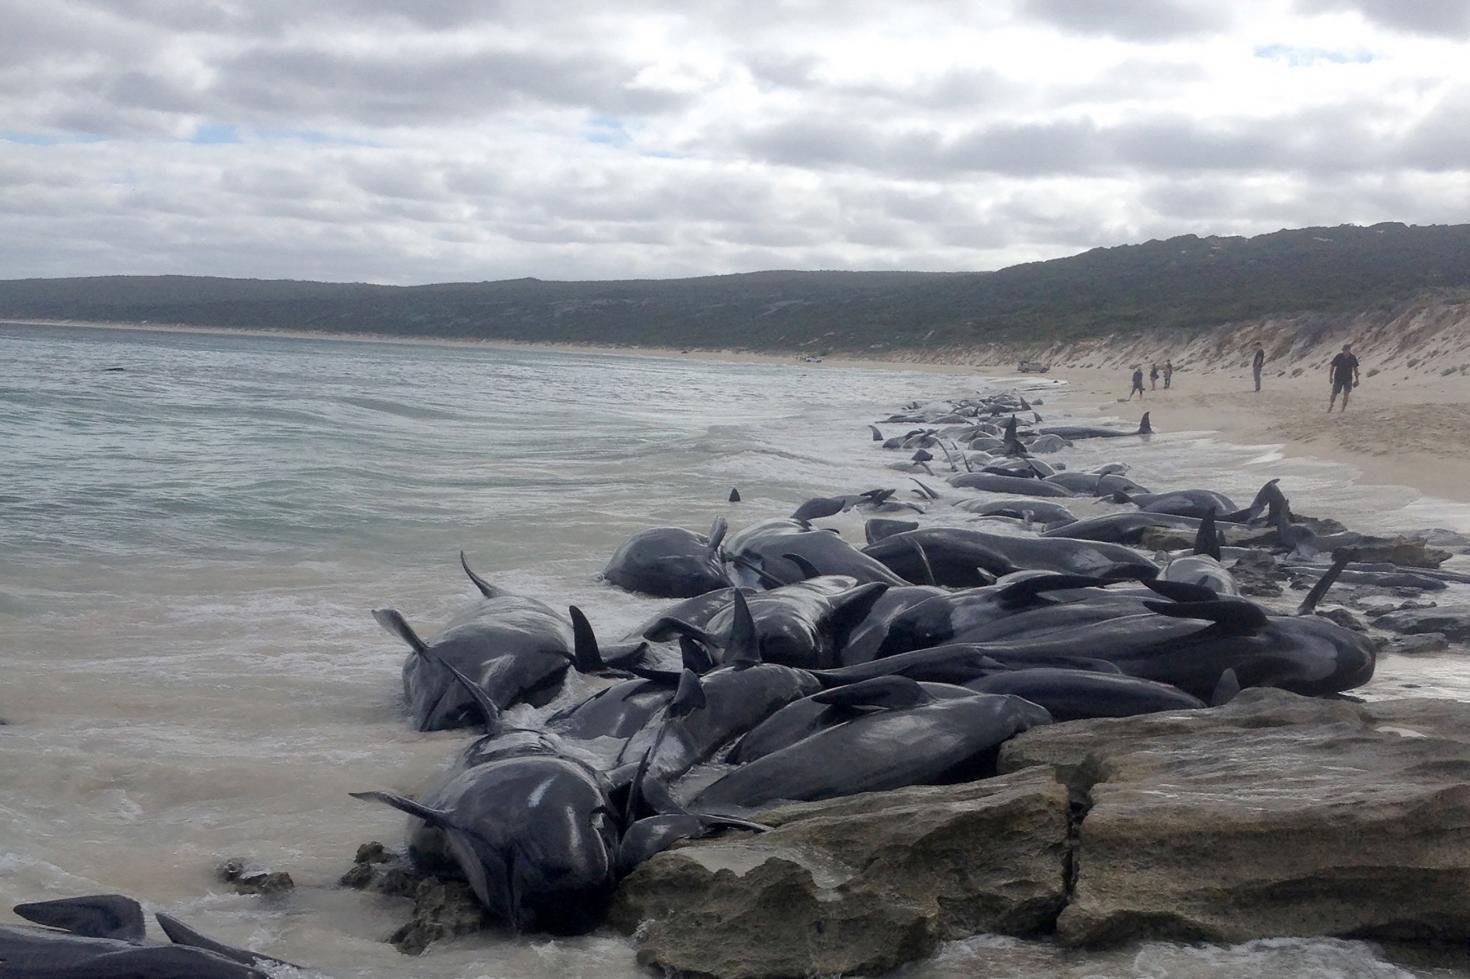 Delfin társkereső weboldal